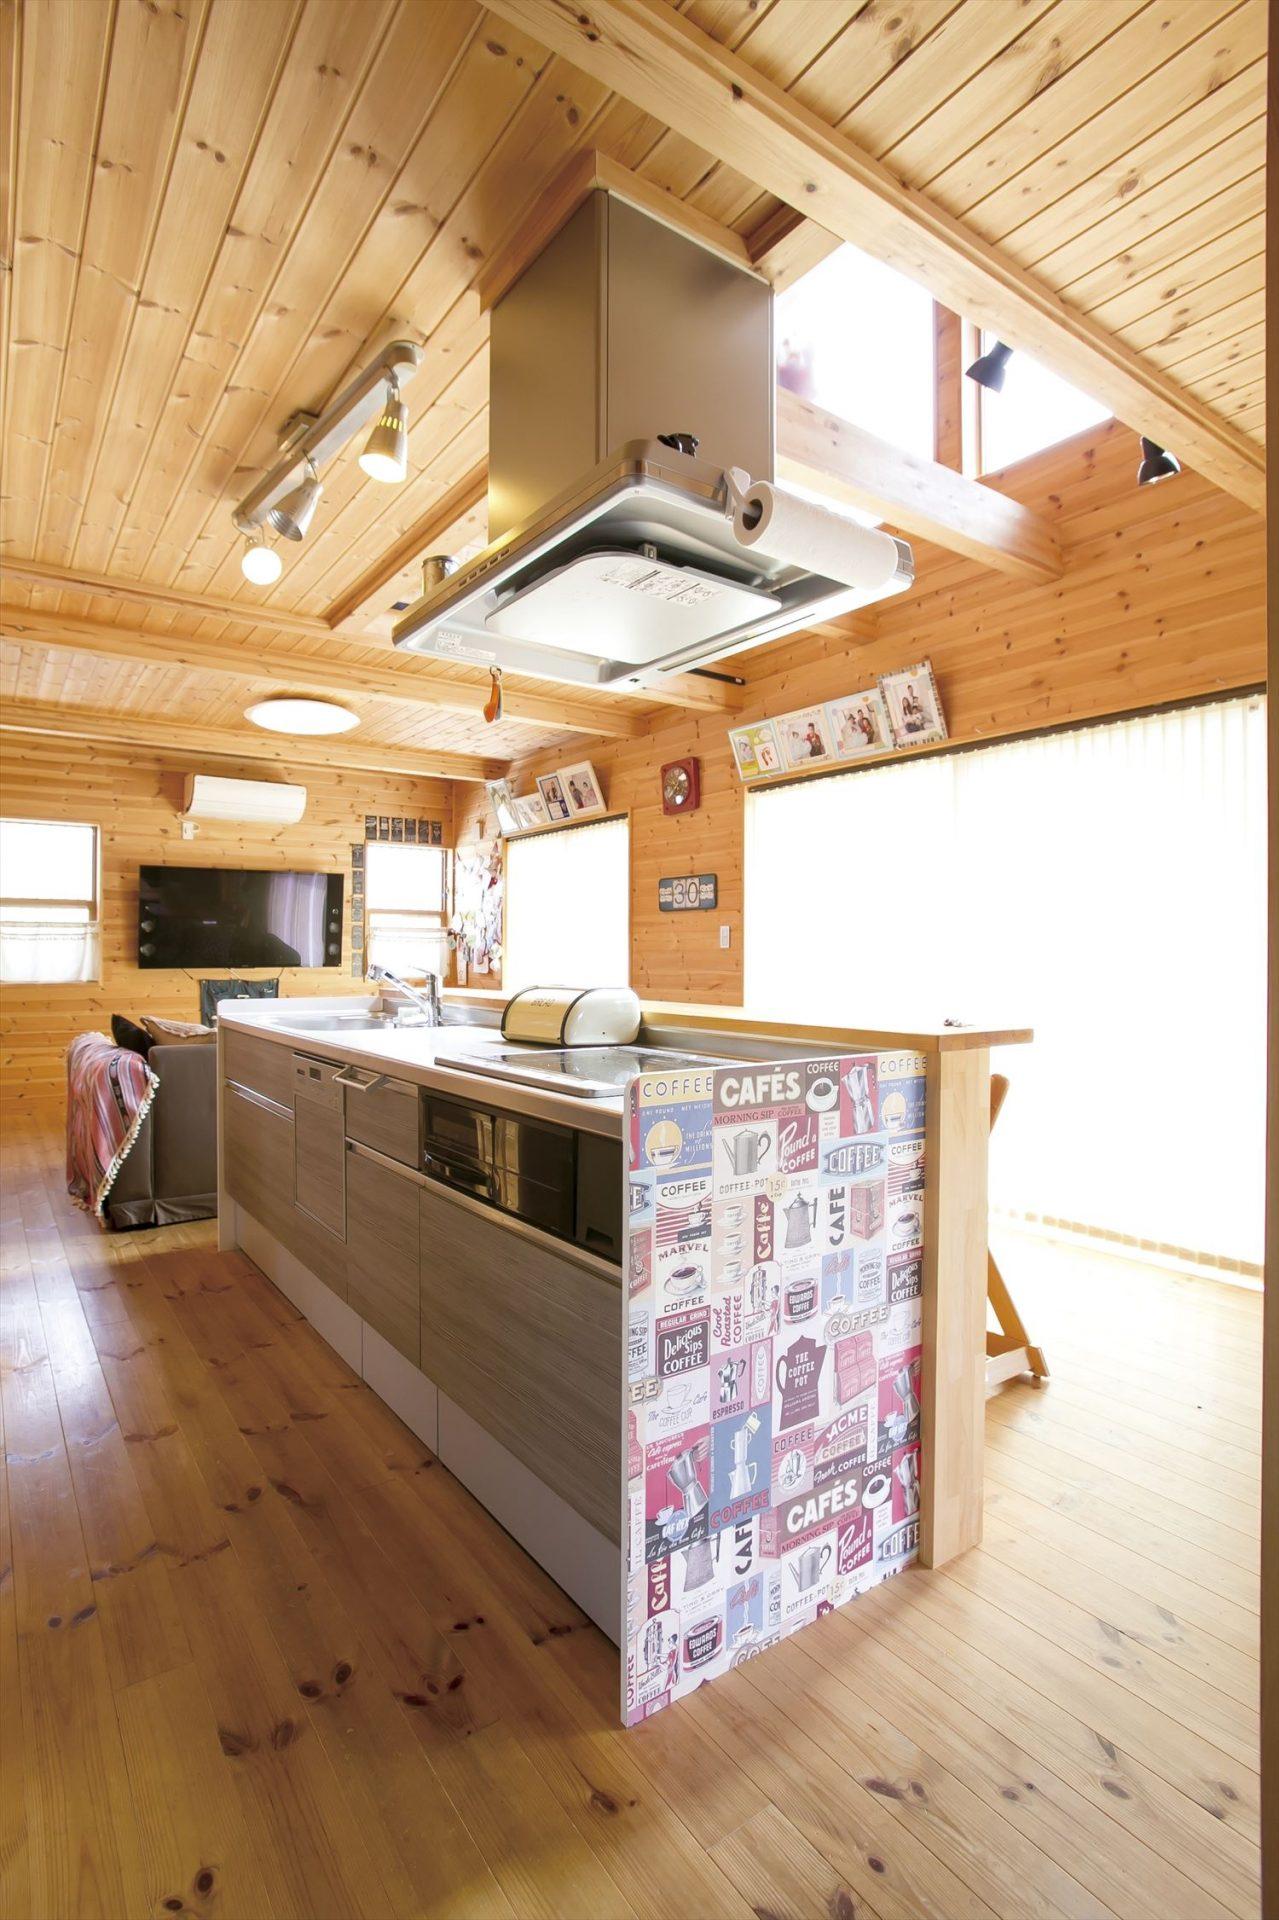 ログハウス風二階建てのアイランドキッチン2|つくば市の注文住宅,ログハウスのような低価格住宅を建てるならエイ・ワン